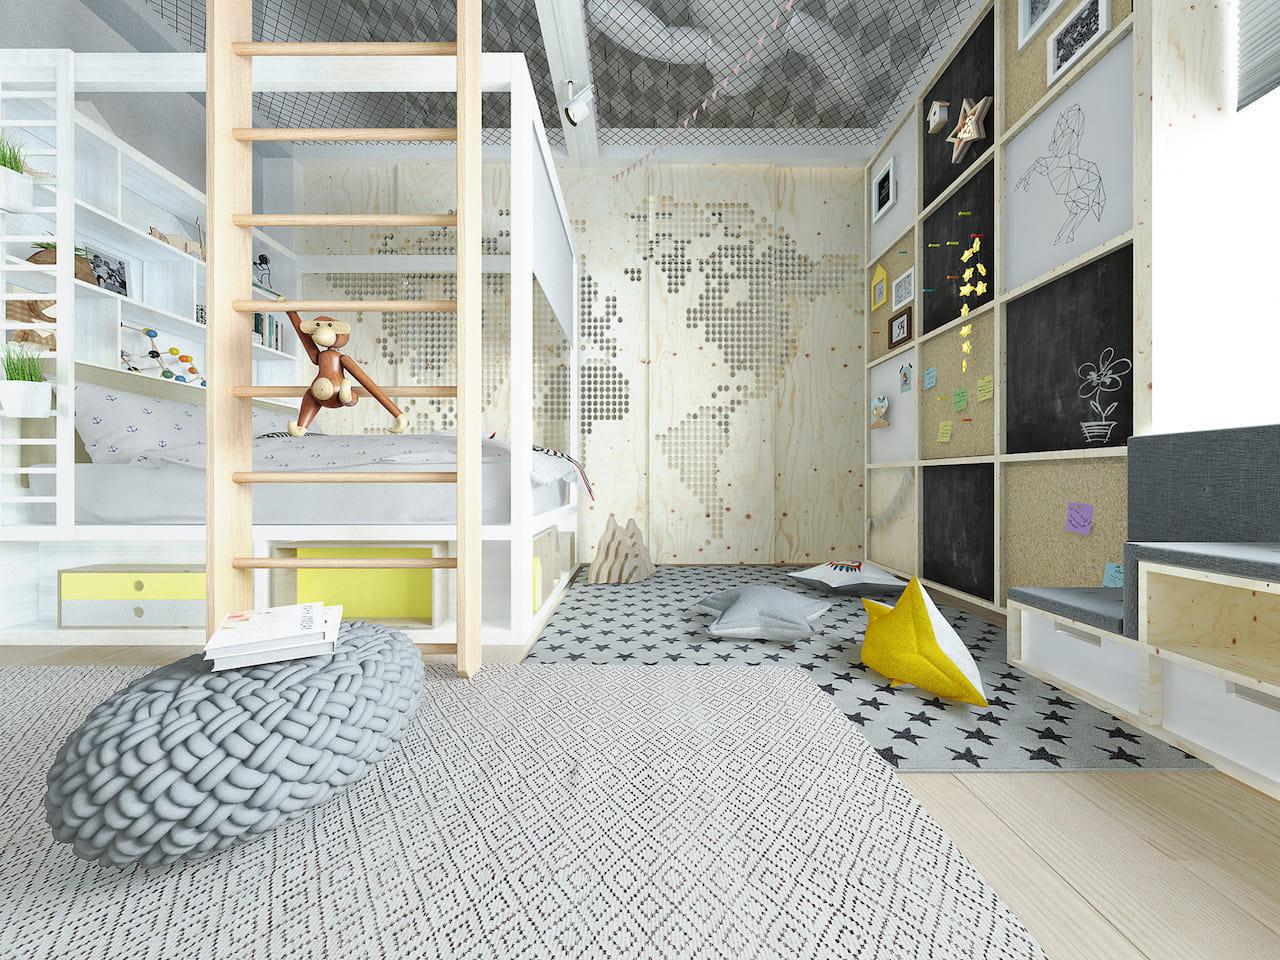 детская комната для мальчика фото 21